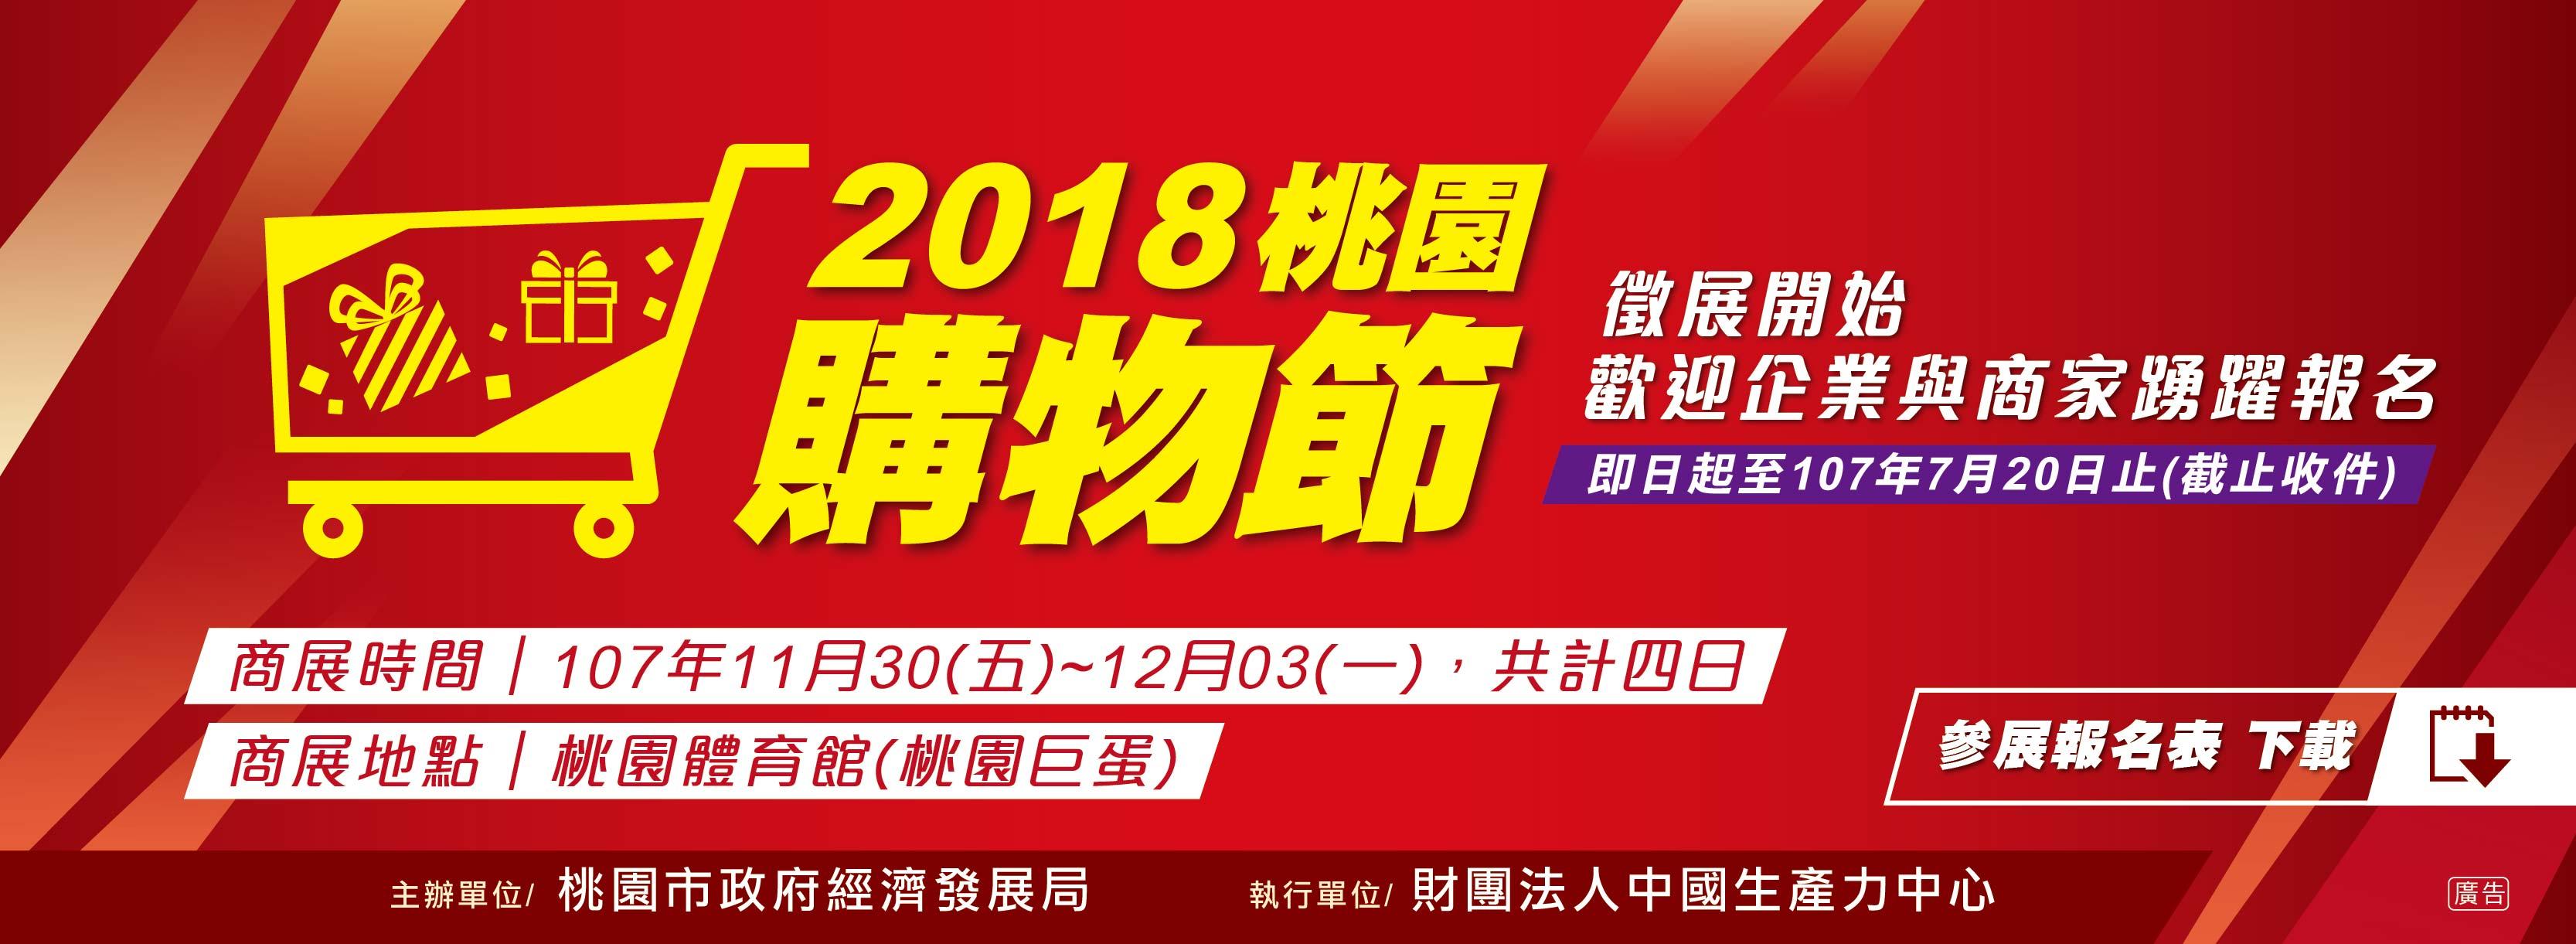 2018桃園購物節招商開始!歡迎企業踴躍報名!